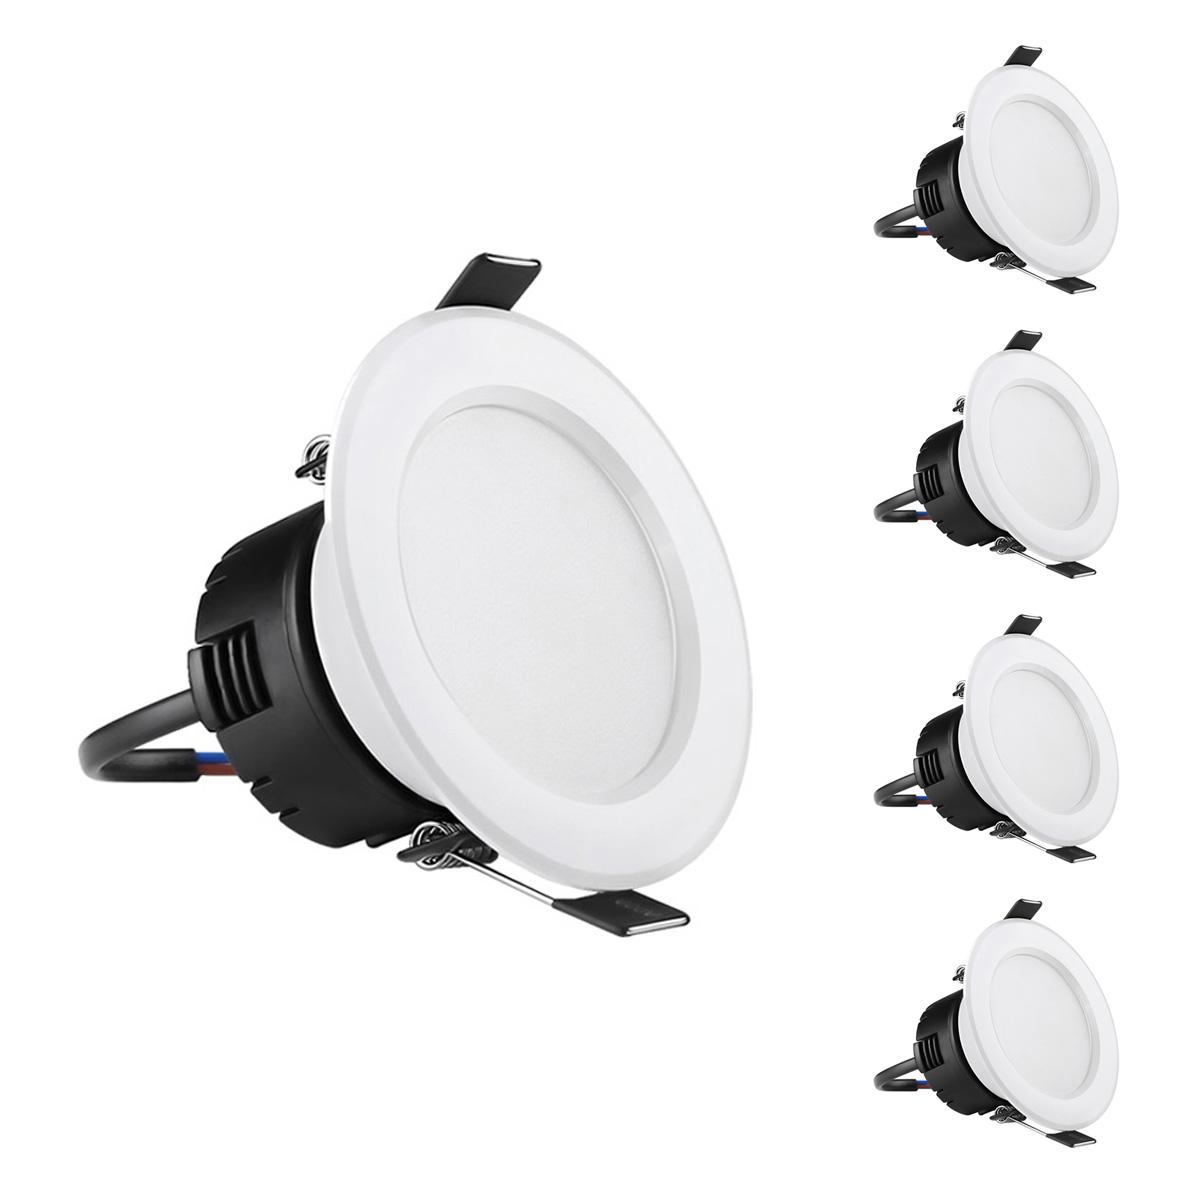 4W LED Deckeneinbauleuchten, 210lm Deckenspots, 75mm, entspricht 30W Halogenlampe, Warmweiß, 4er Set